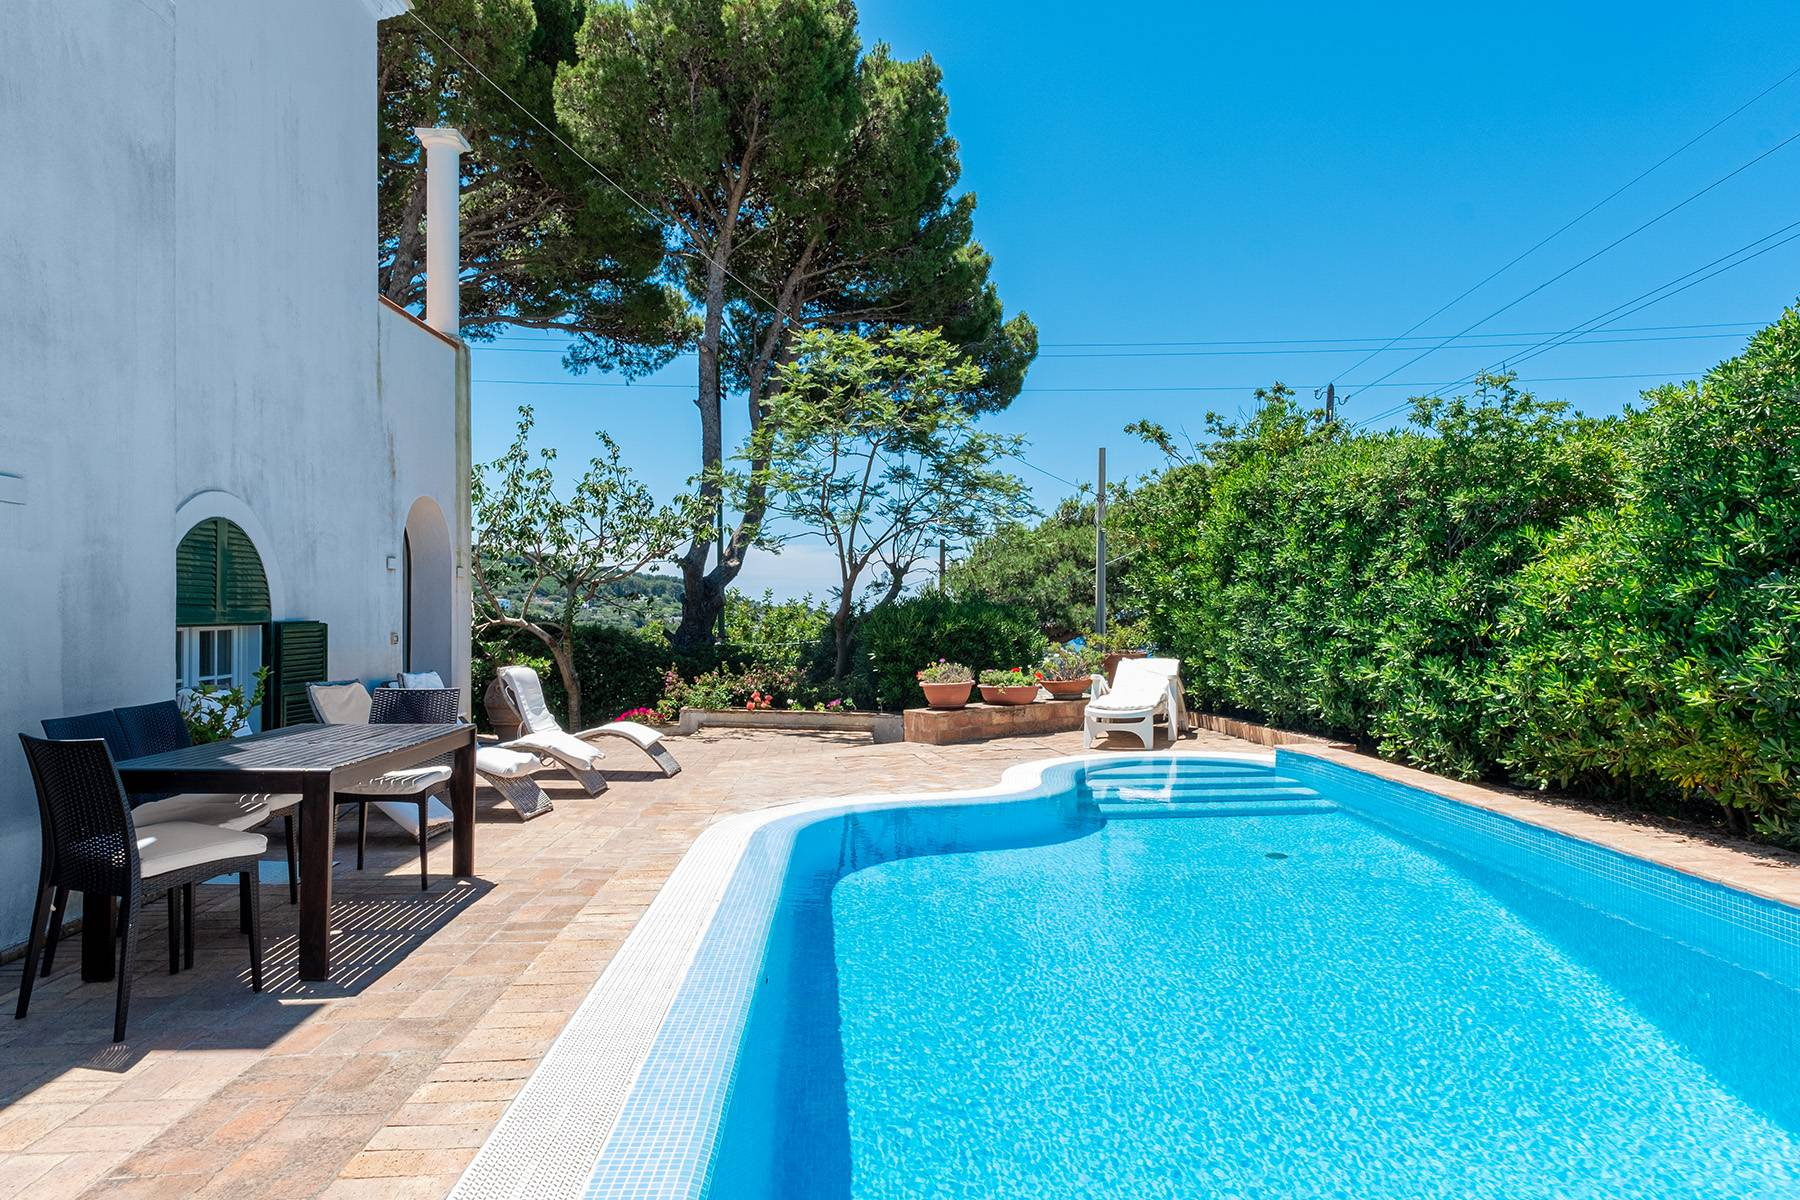 Villa in Affitto a Anacapri via monticello